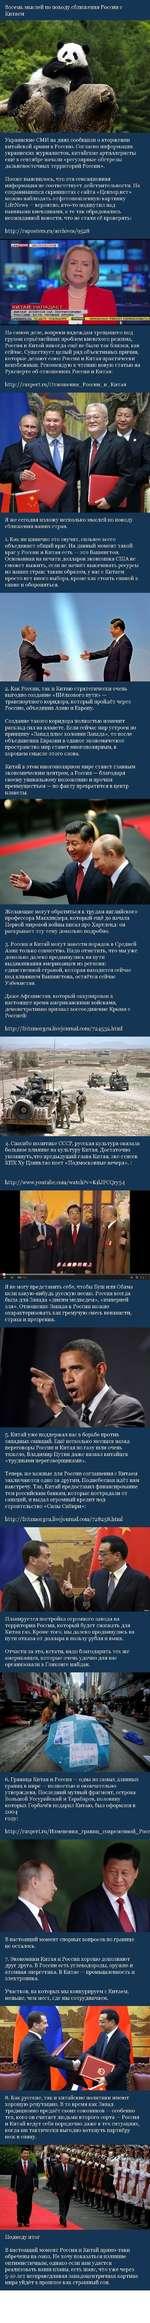 Восемь мыслей по поводу сближения России с Китаем Украинские СМИ на днях сообщили о вторжении китайской армии в Россию. Согласно информации украинских журналистов, китайские артиллеристы ещё в сентябре начали «регулярные обстрелы дальневосточных территорий России». Позже выяснилось, что эта сенса